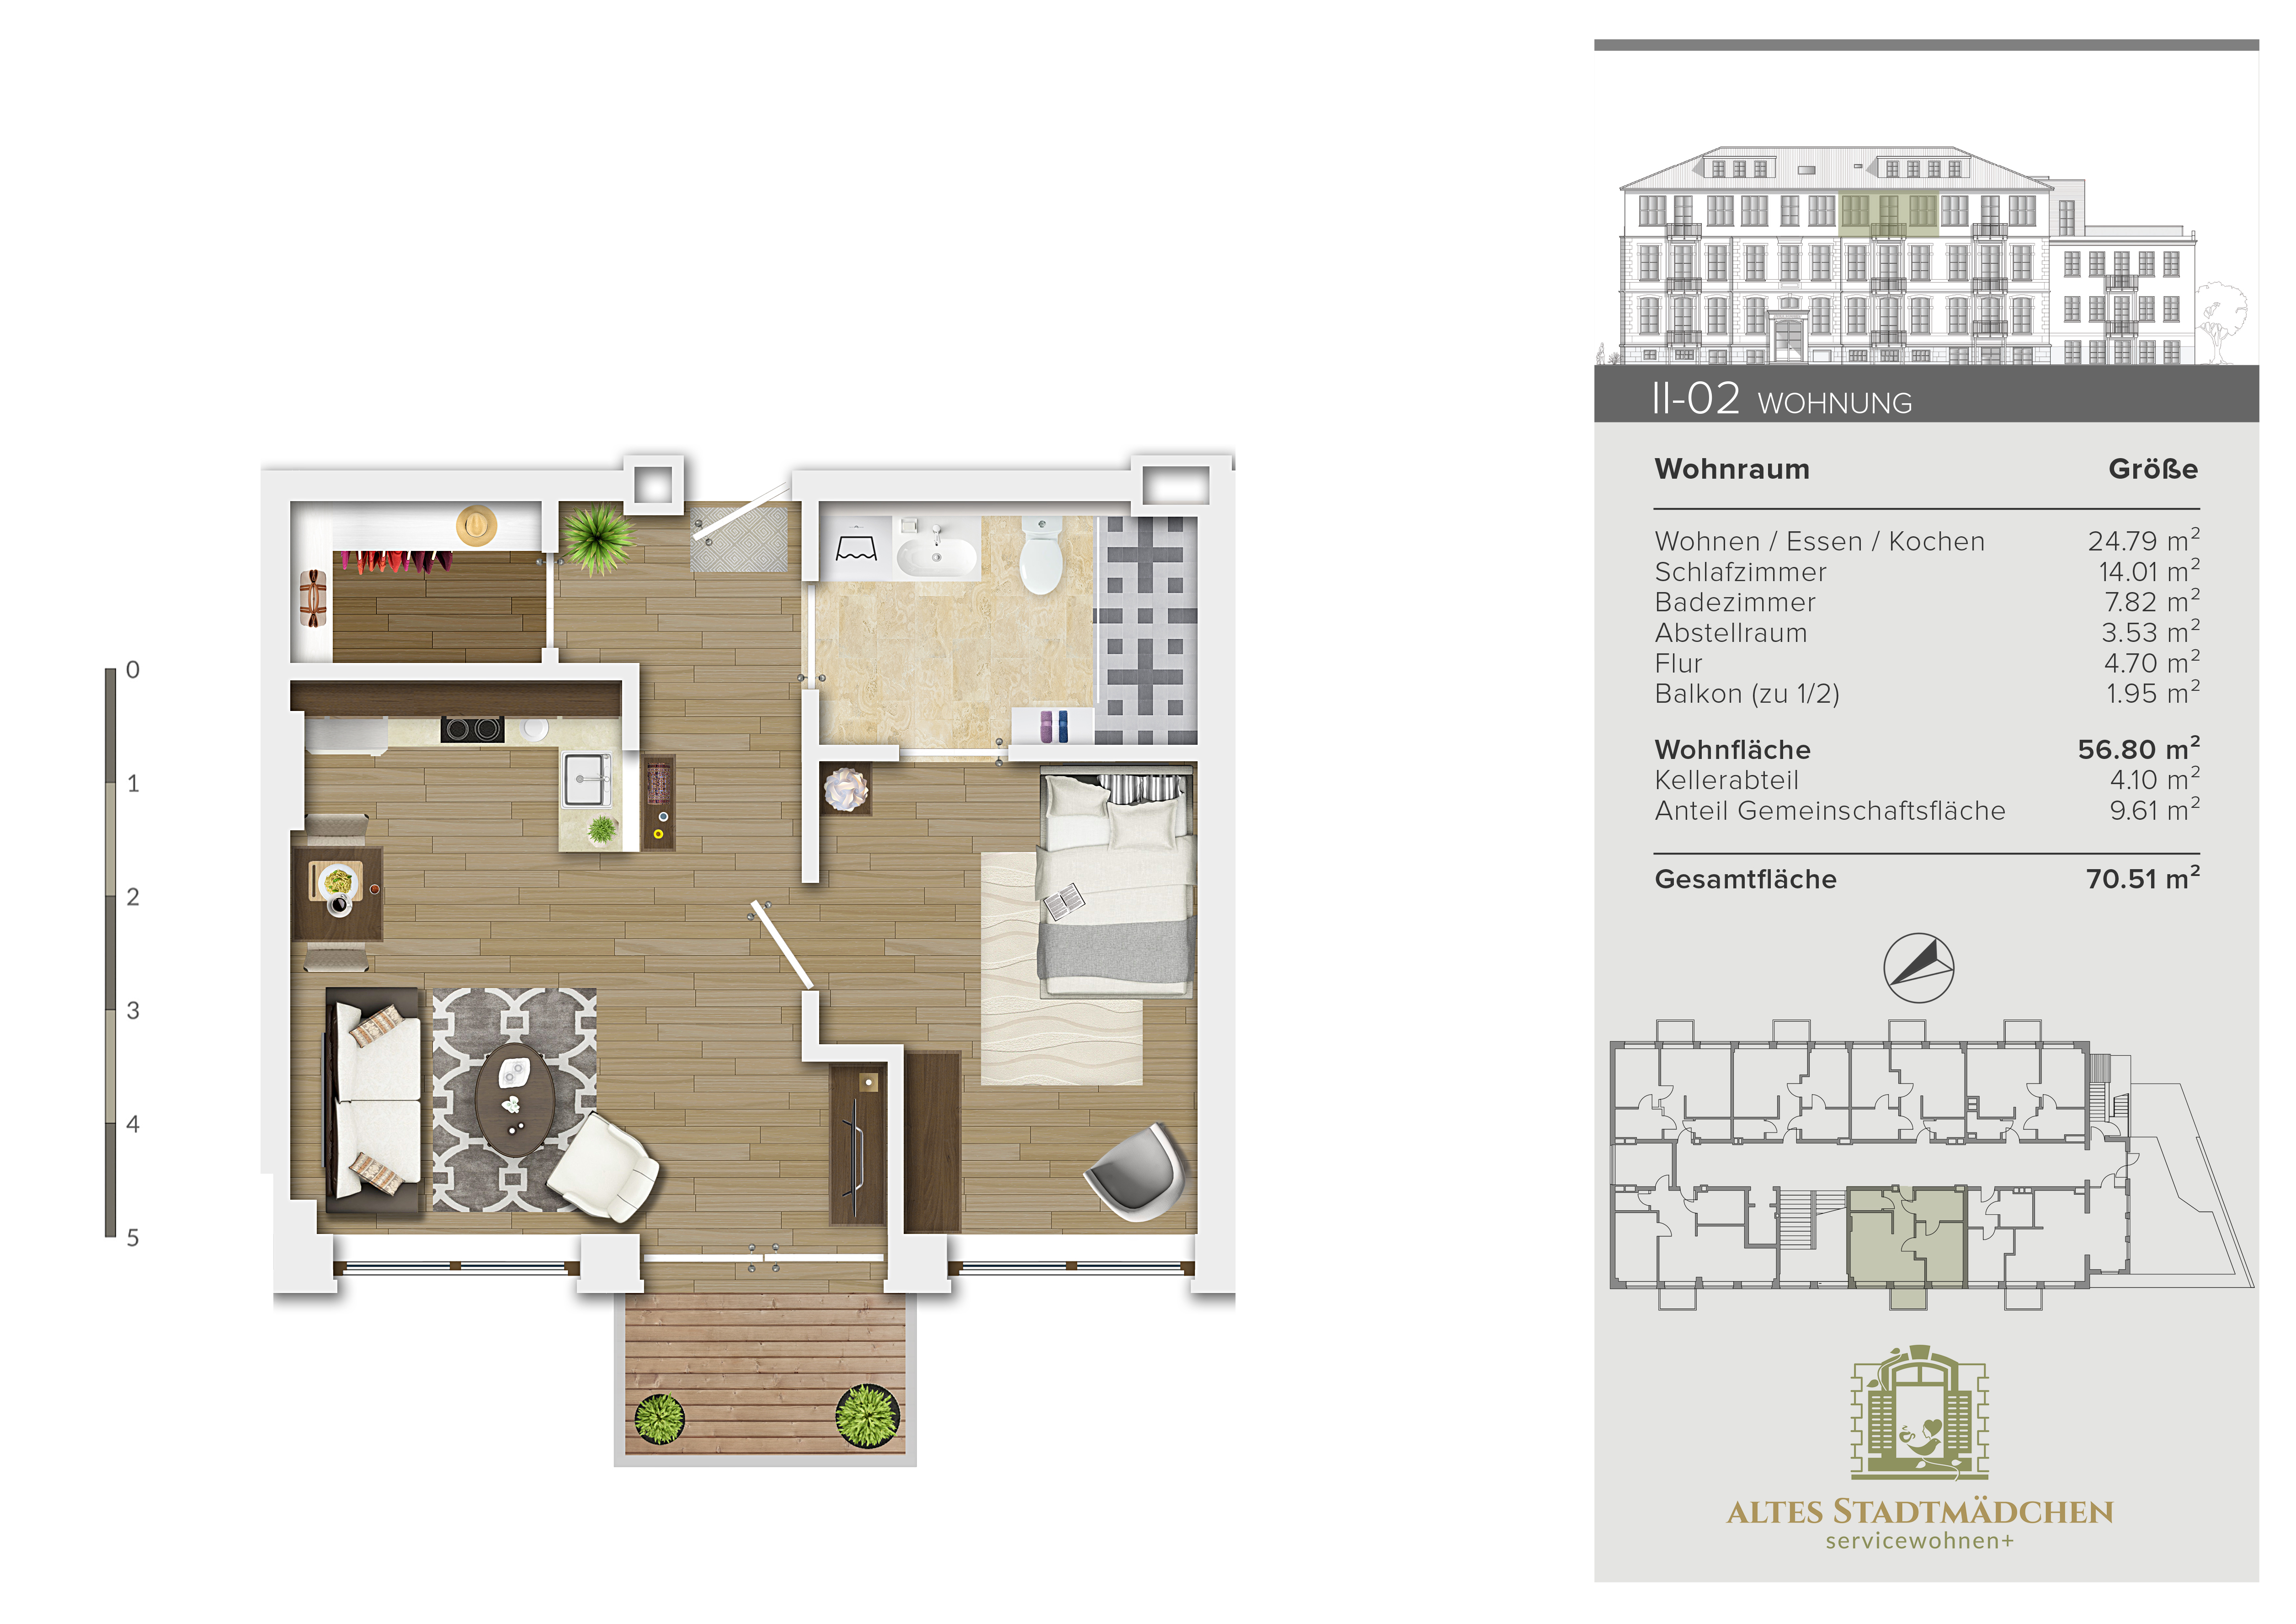 Wohnung II-02